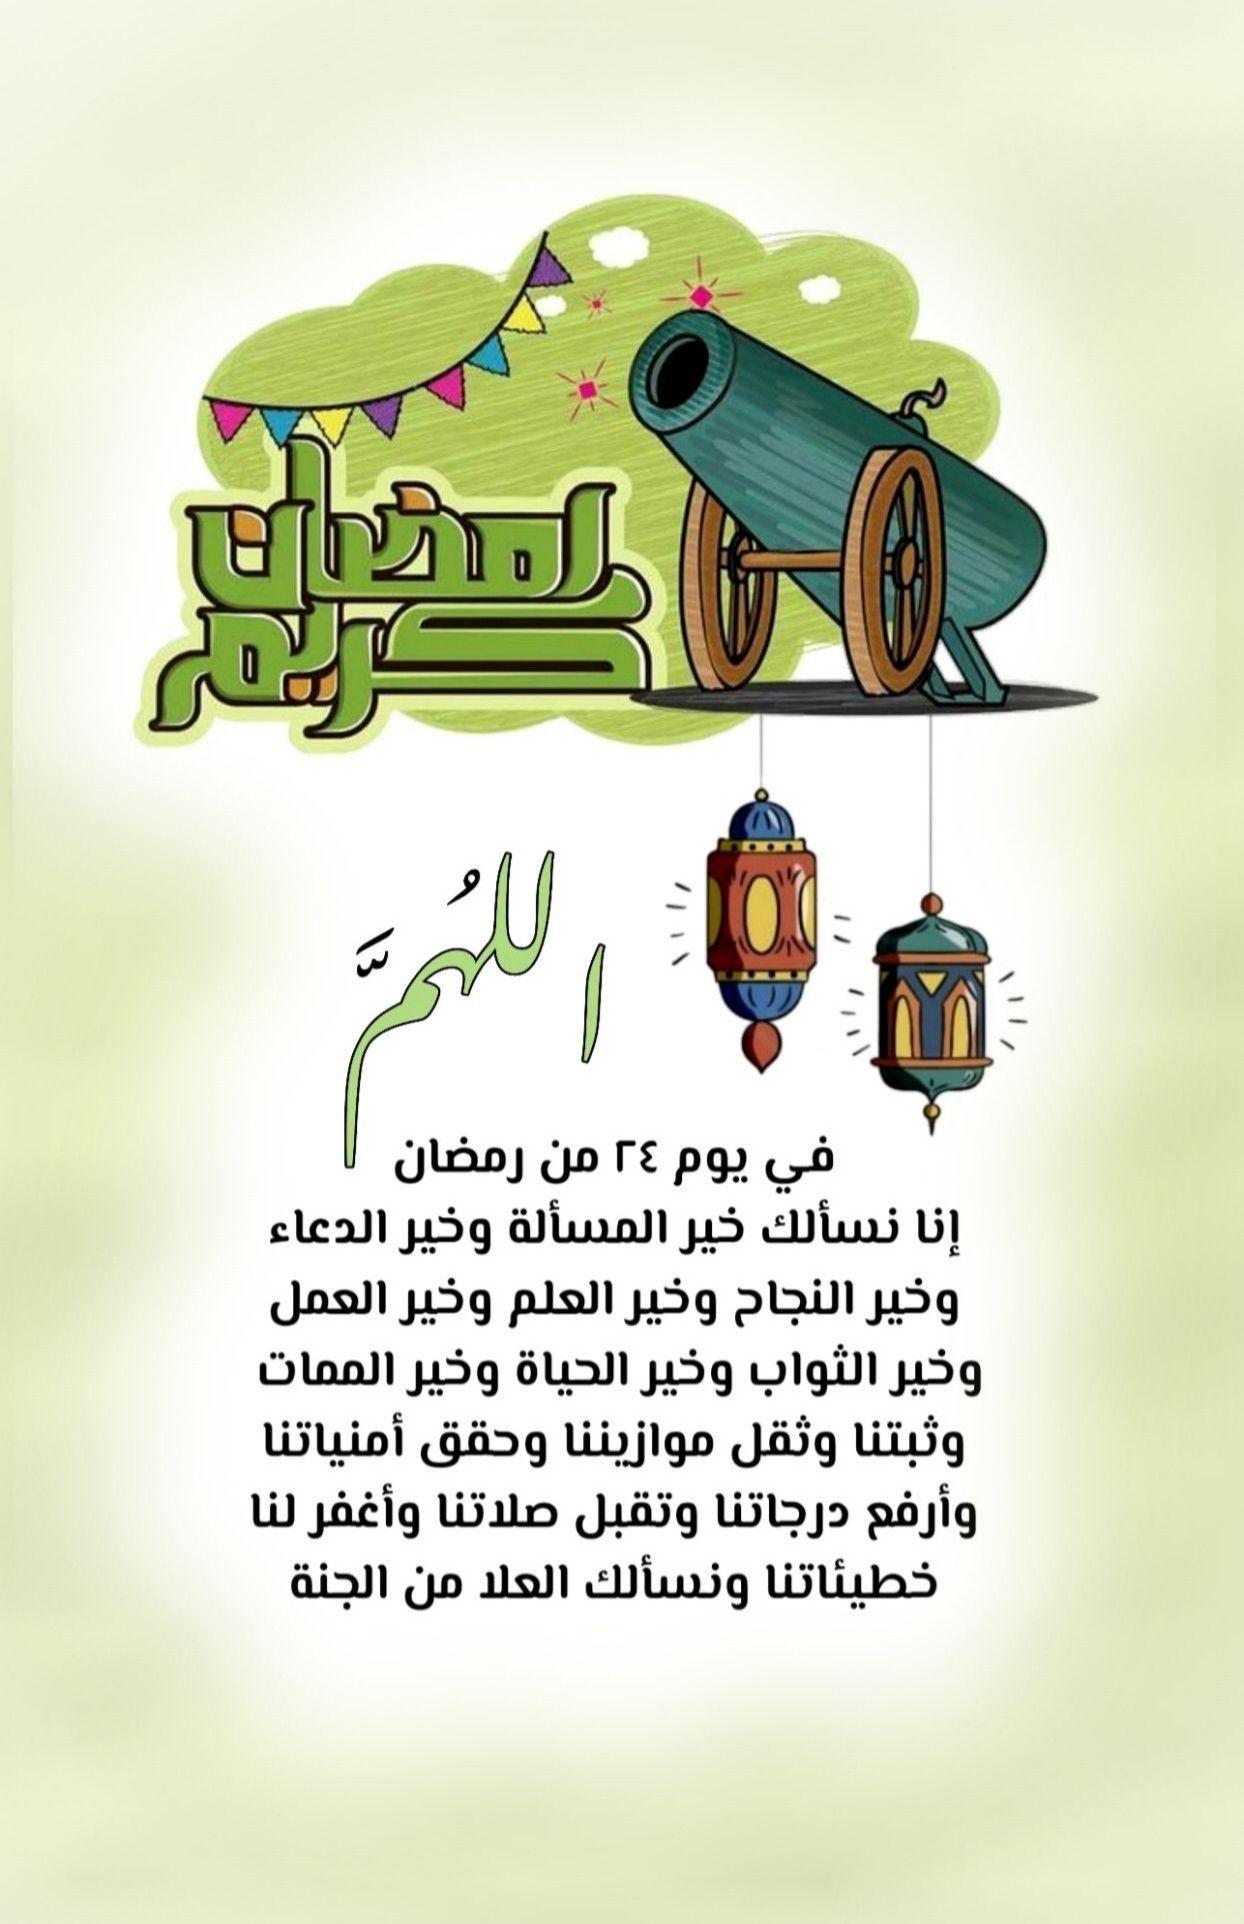 الله م في يوم ٢٤ من رمضان إنا نسألك خير المسألة وخير الدعاء وخير النجاح وخير العلم وخير العمل وخير الثواب وخير الحي Ramadan Crafts Ramadan Kareem Ramadan